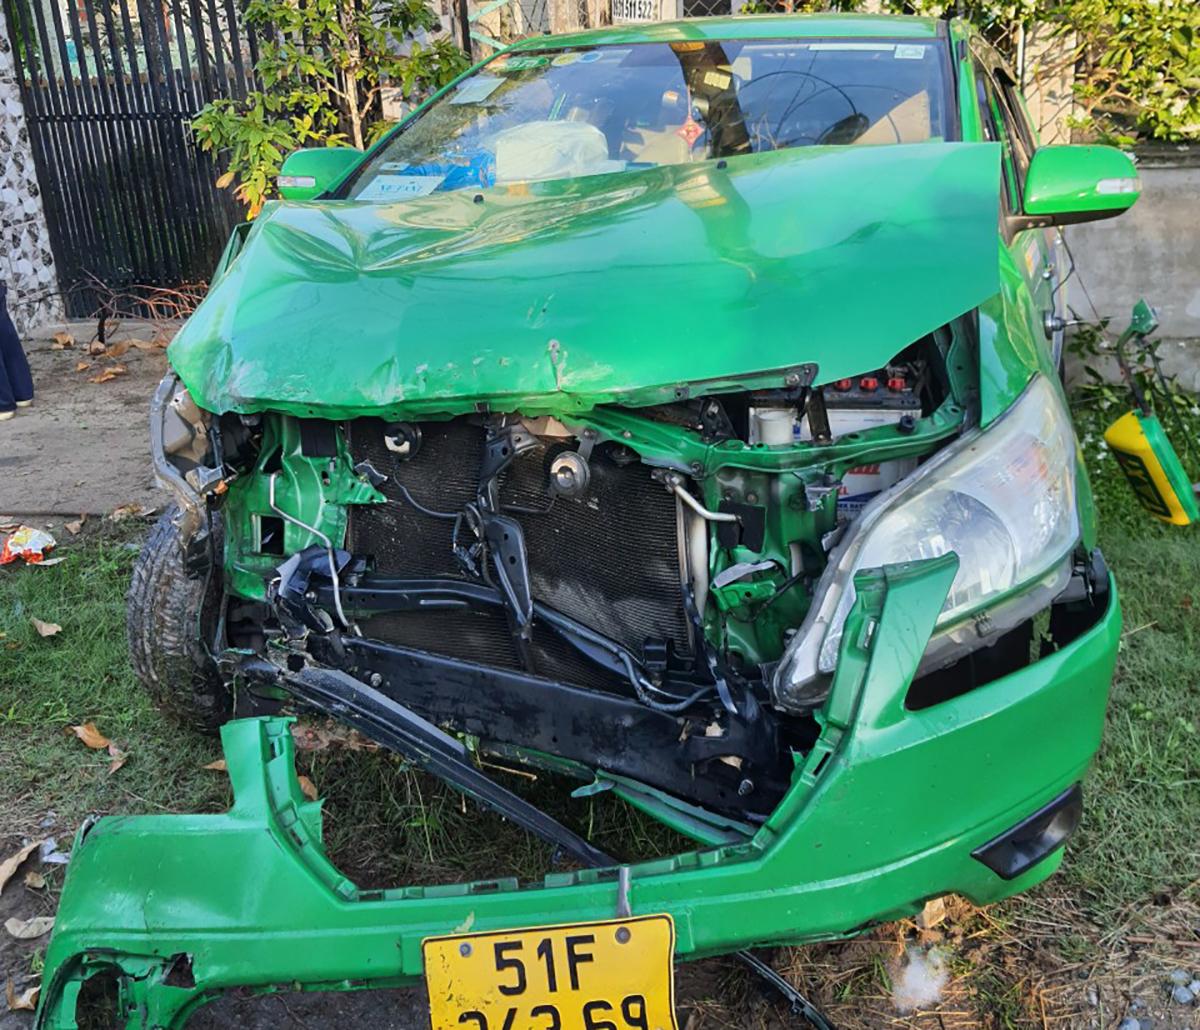 Chiếc taxi bị cướp hư hỏng nặng sau khi đâm vào nhà dân. Ảnh: Độc giả cung cấp.